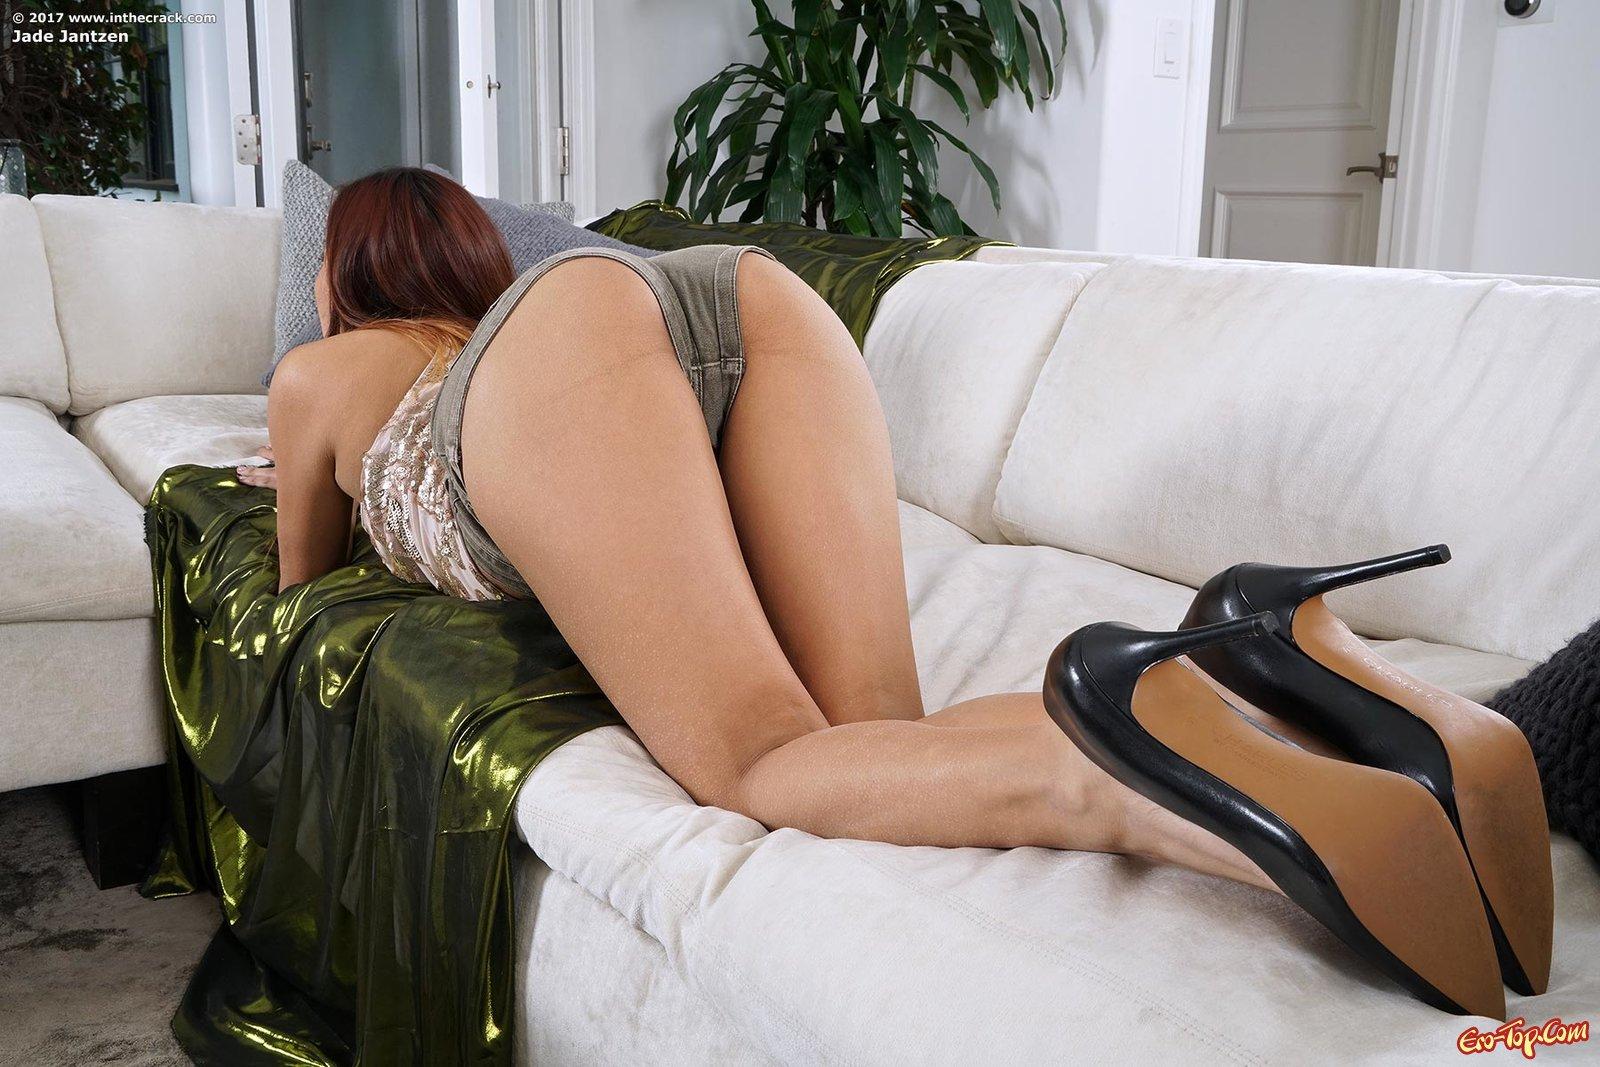 Баба из Бразилии сфотографировала гладенькую киску секс фото